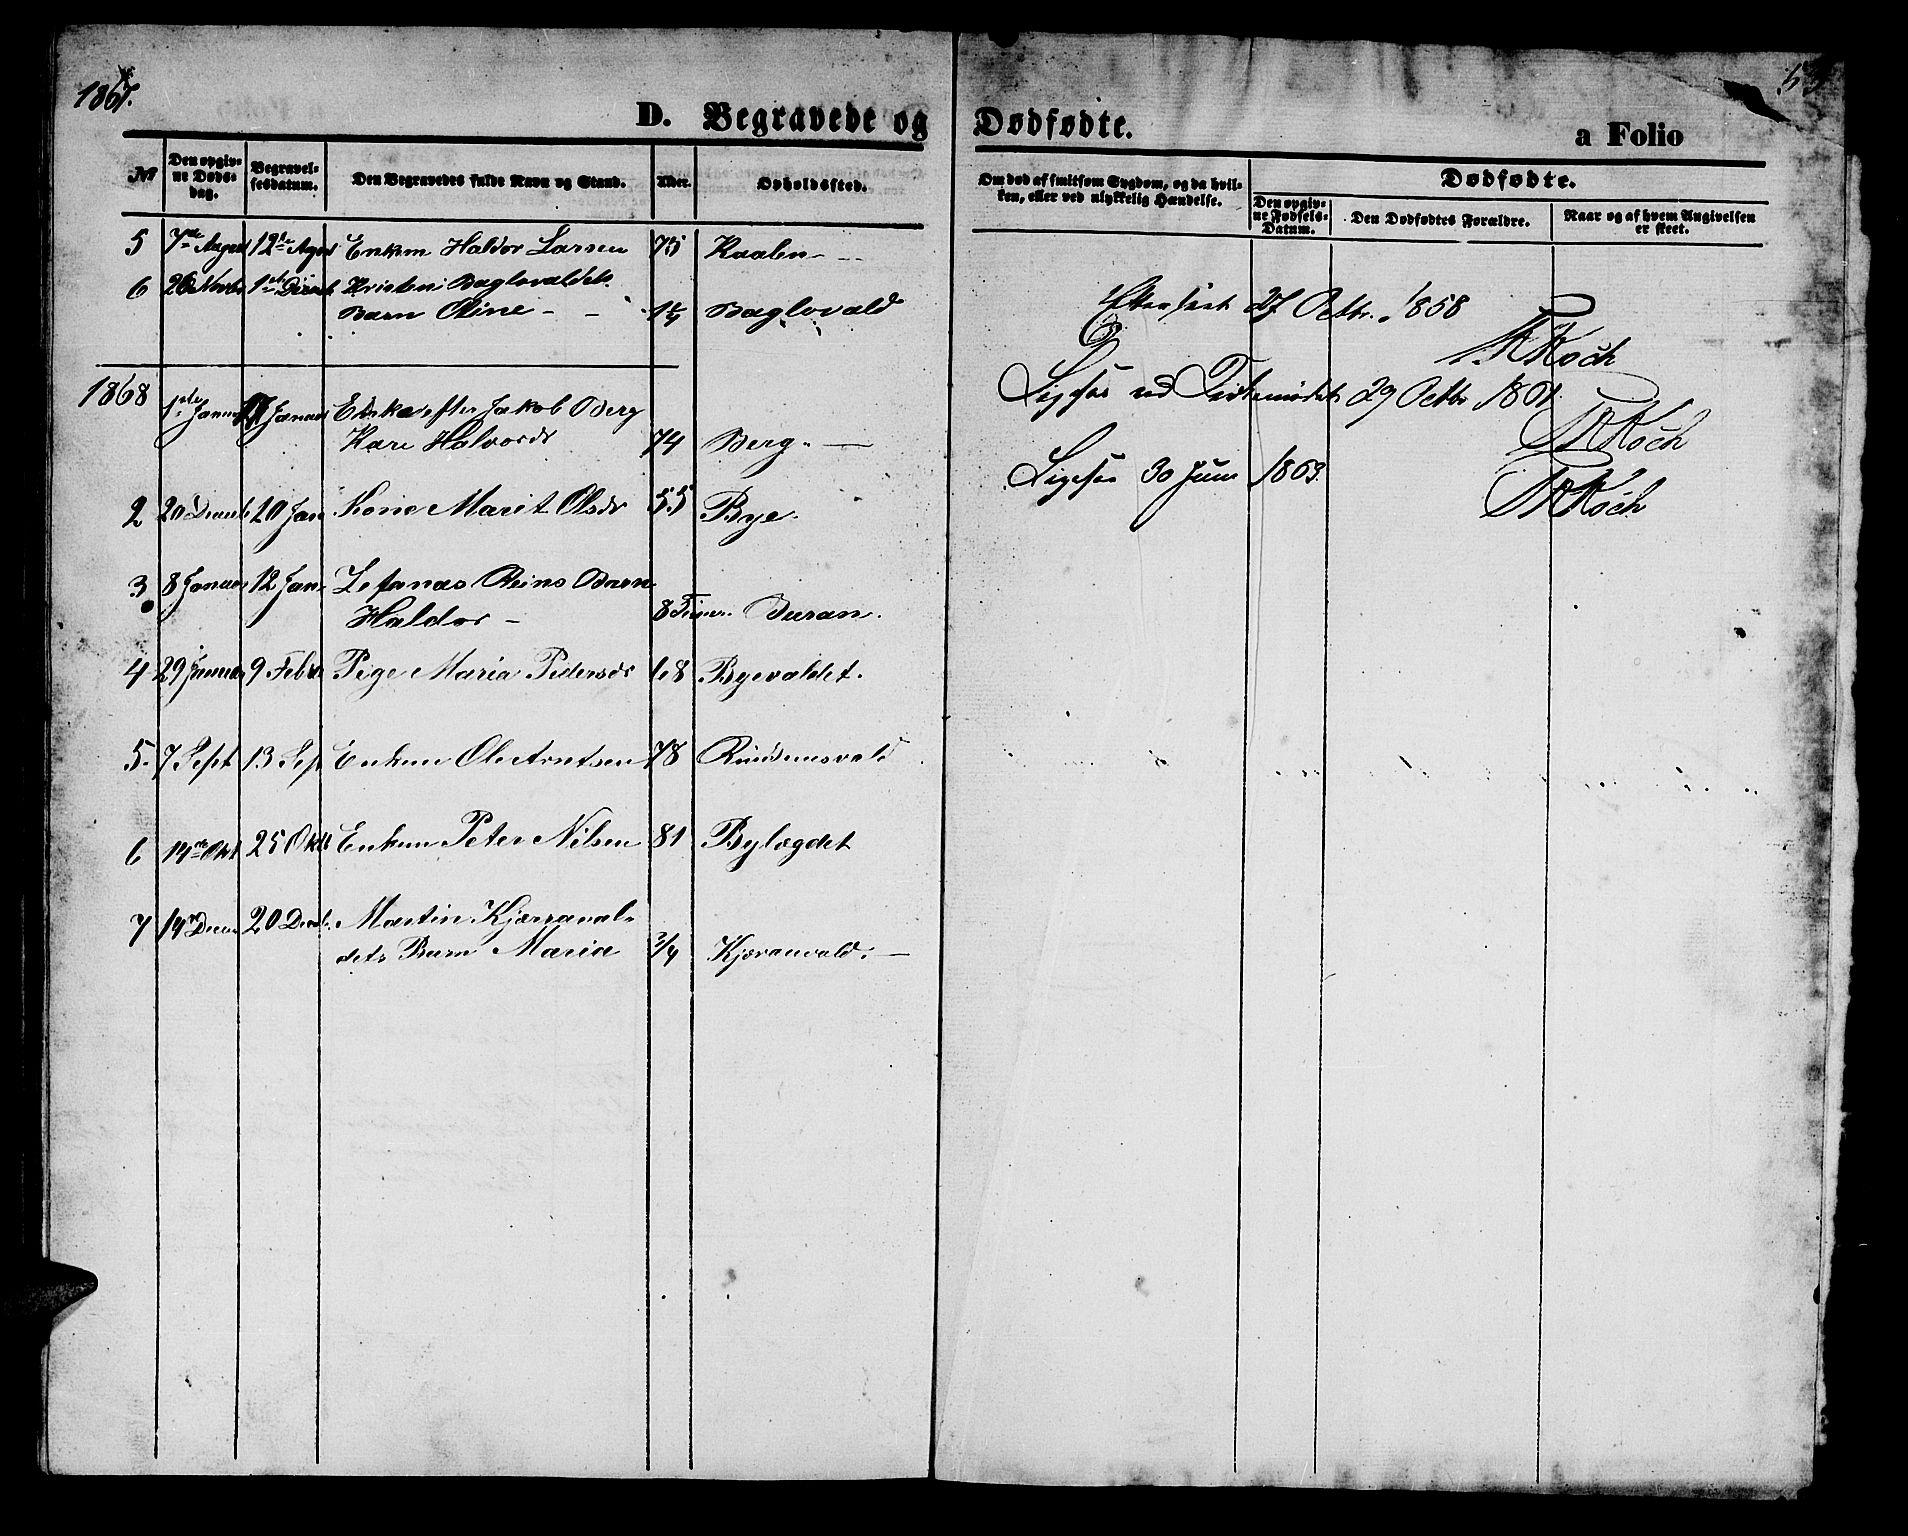 SAT, Ministerialprotokoller, klokkerbøker og fødselsregistre - Nord-Trøndelag, 726/L0270: Klokkerbok nr. 726C01, 1858-1868, s. 53